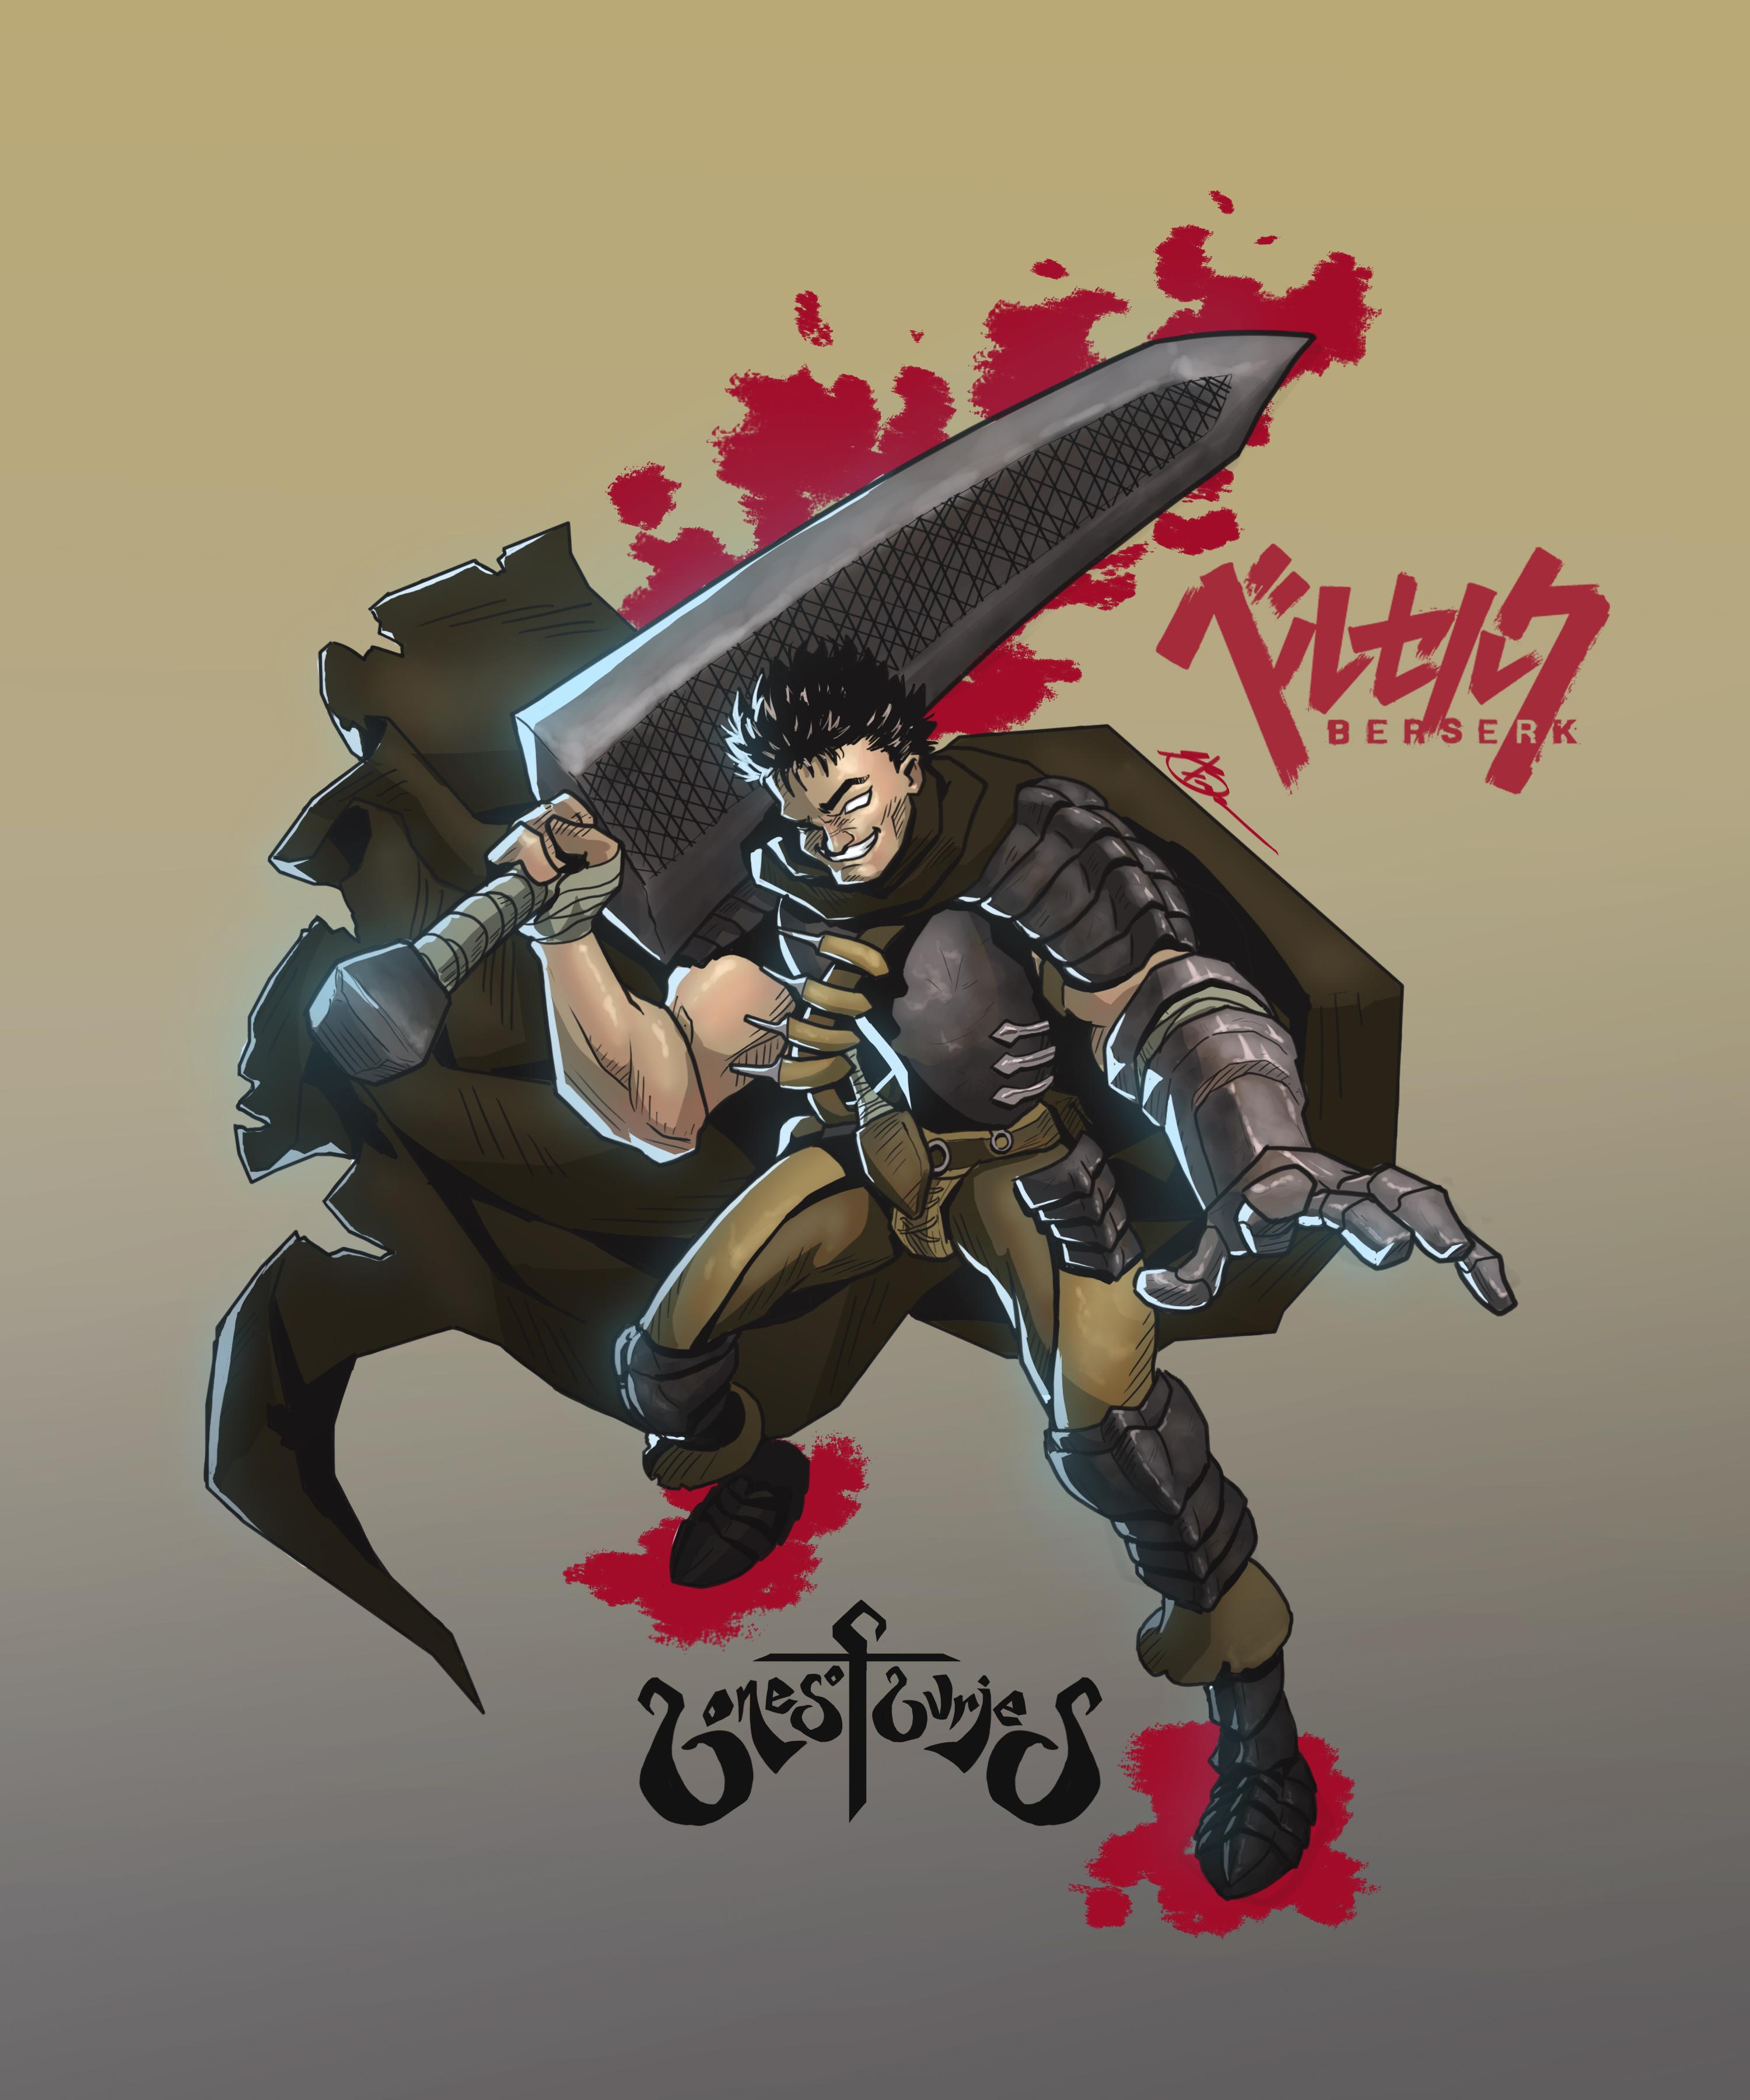 Guts and the Dragon Slayer Sword